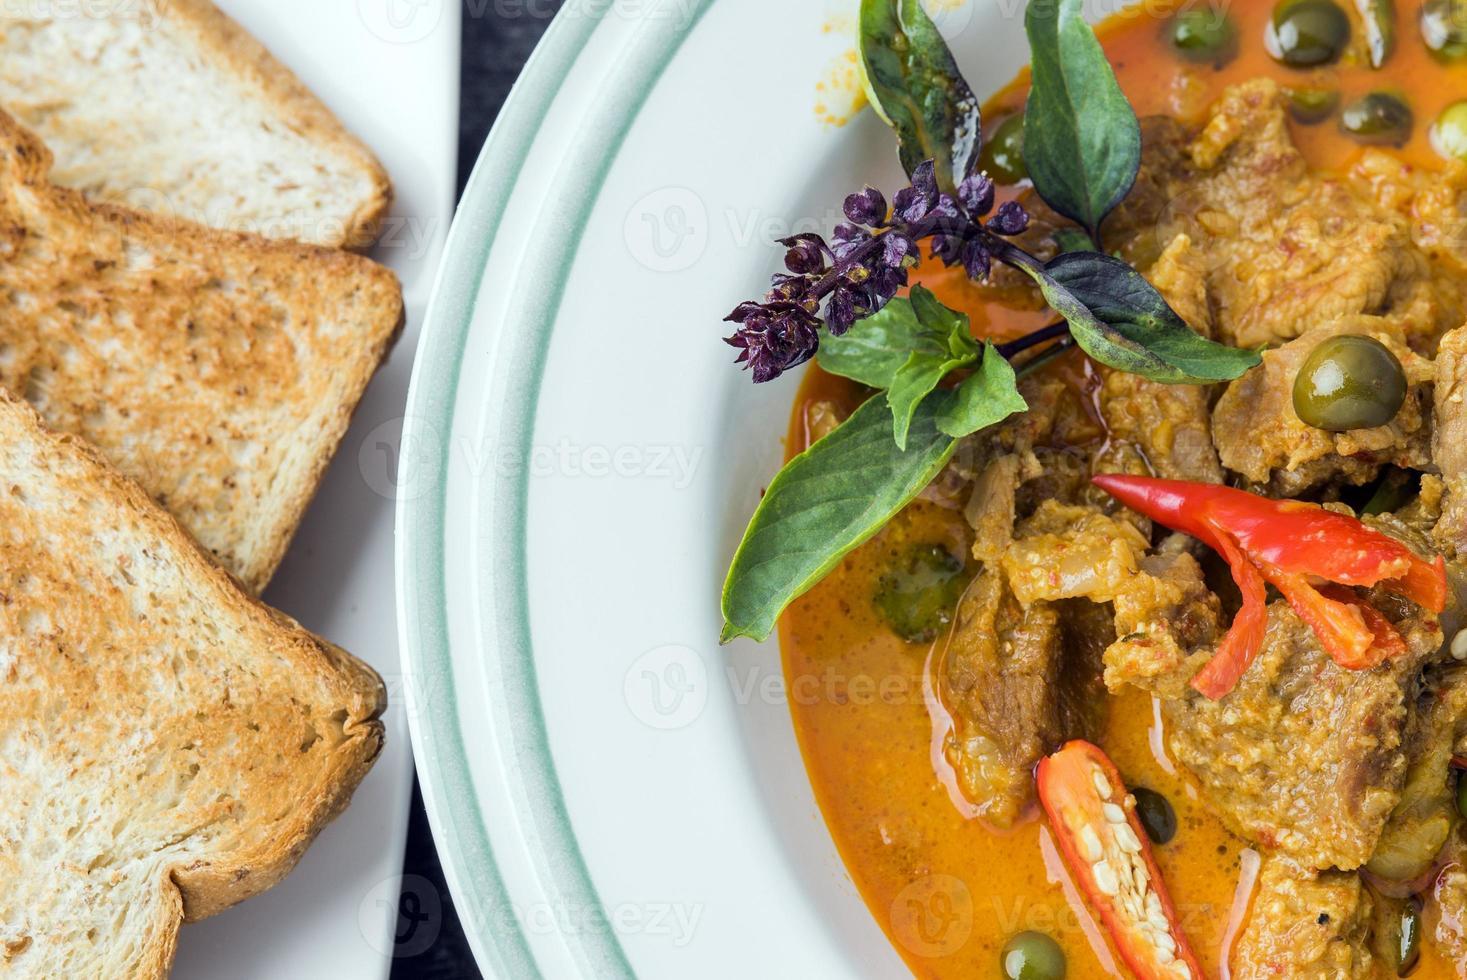 asiatisches thailändisches Essen - Curry mit Schweinefleisch foto